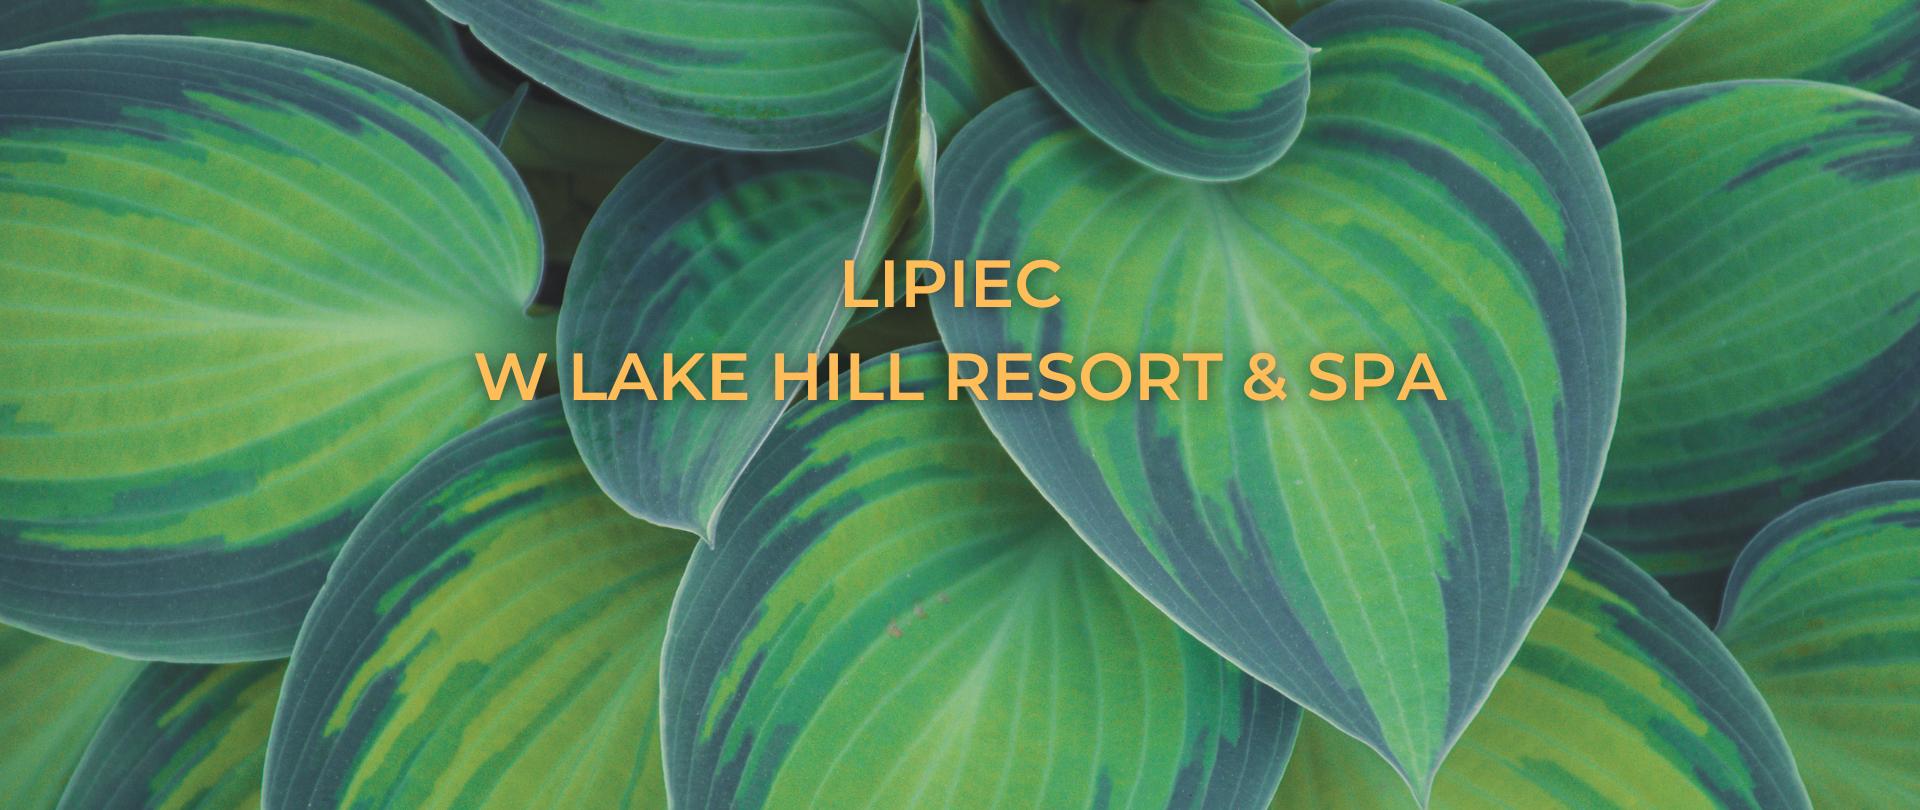 Lipiec w Lake Hill Resort & SPA